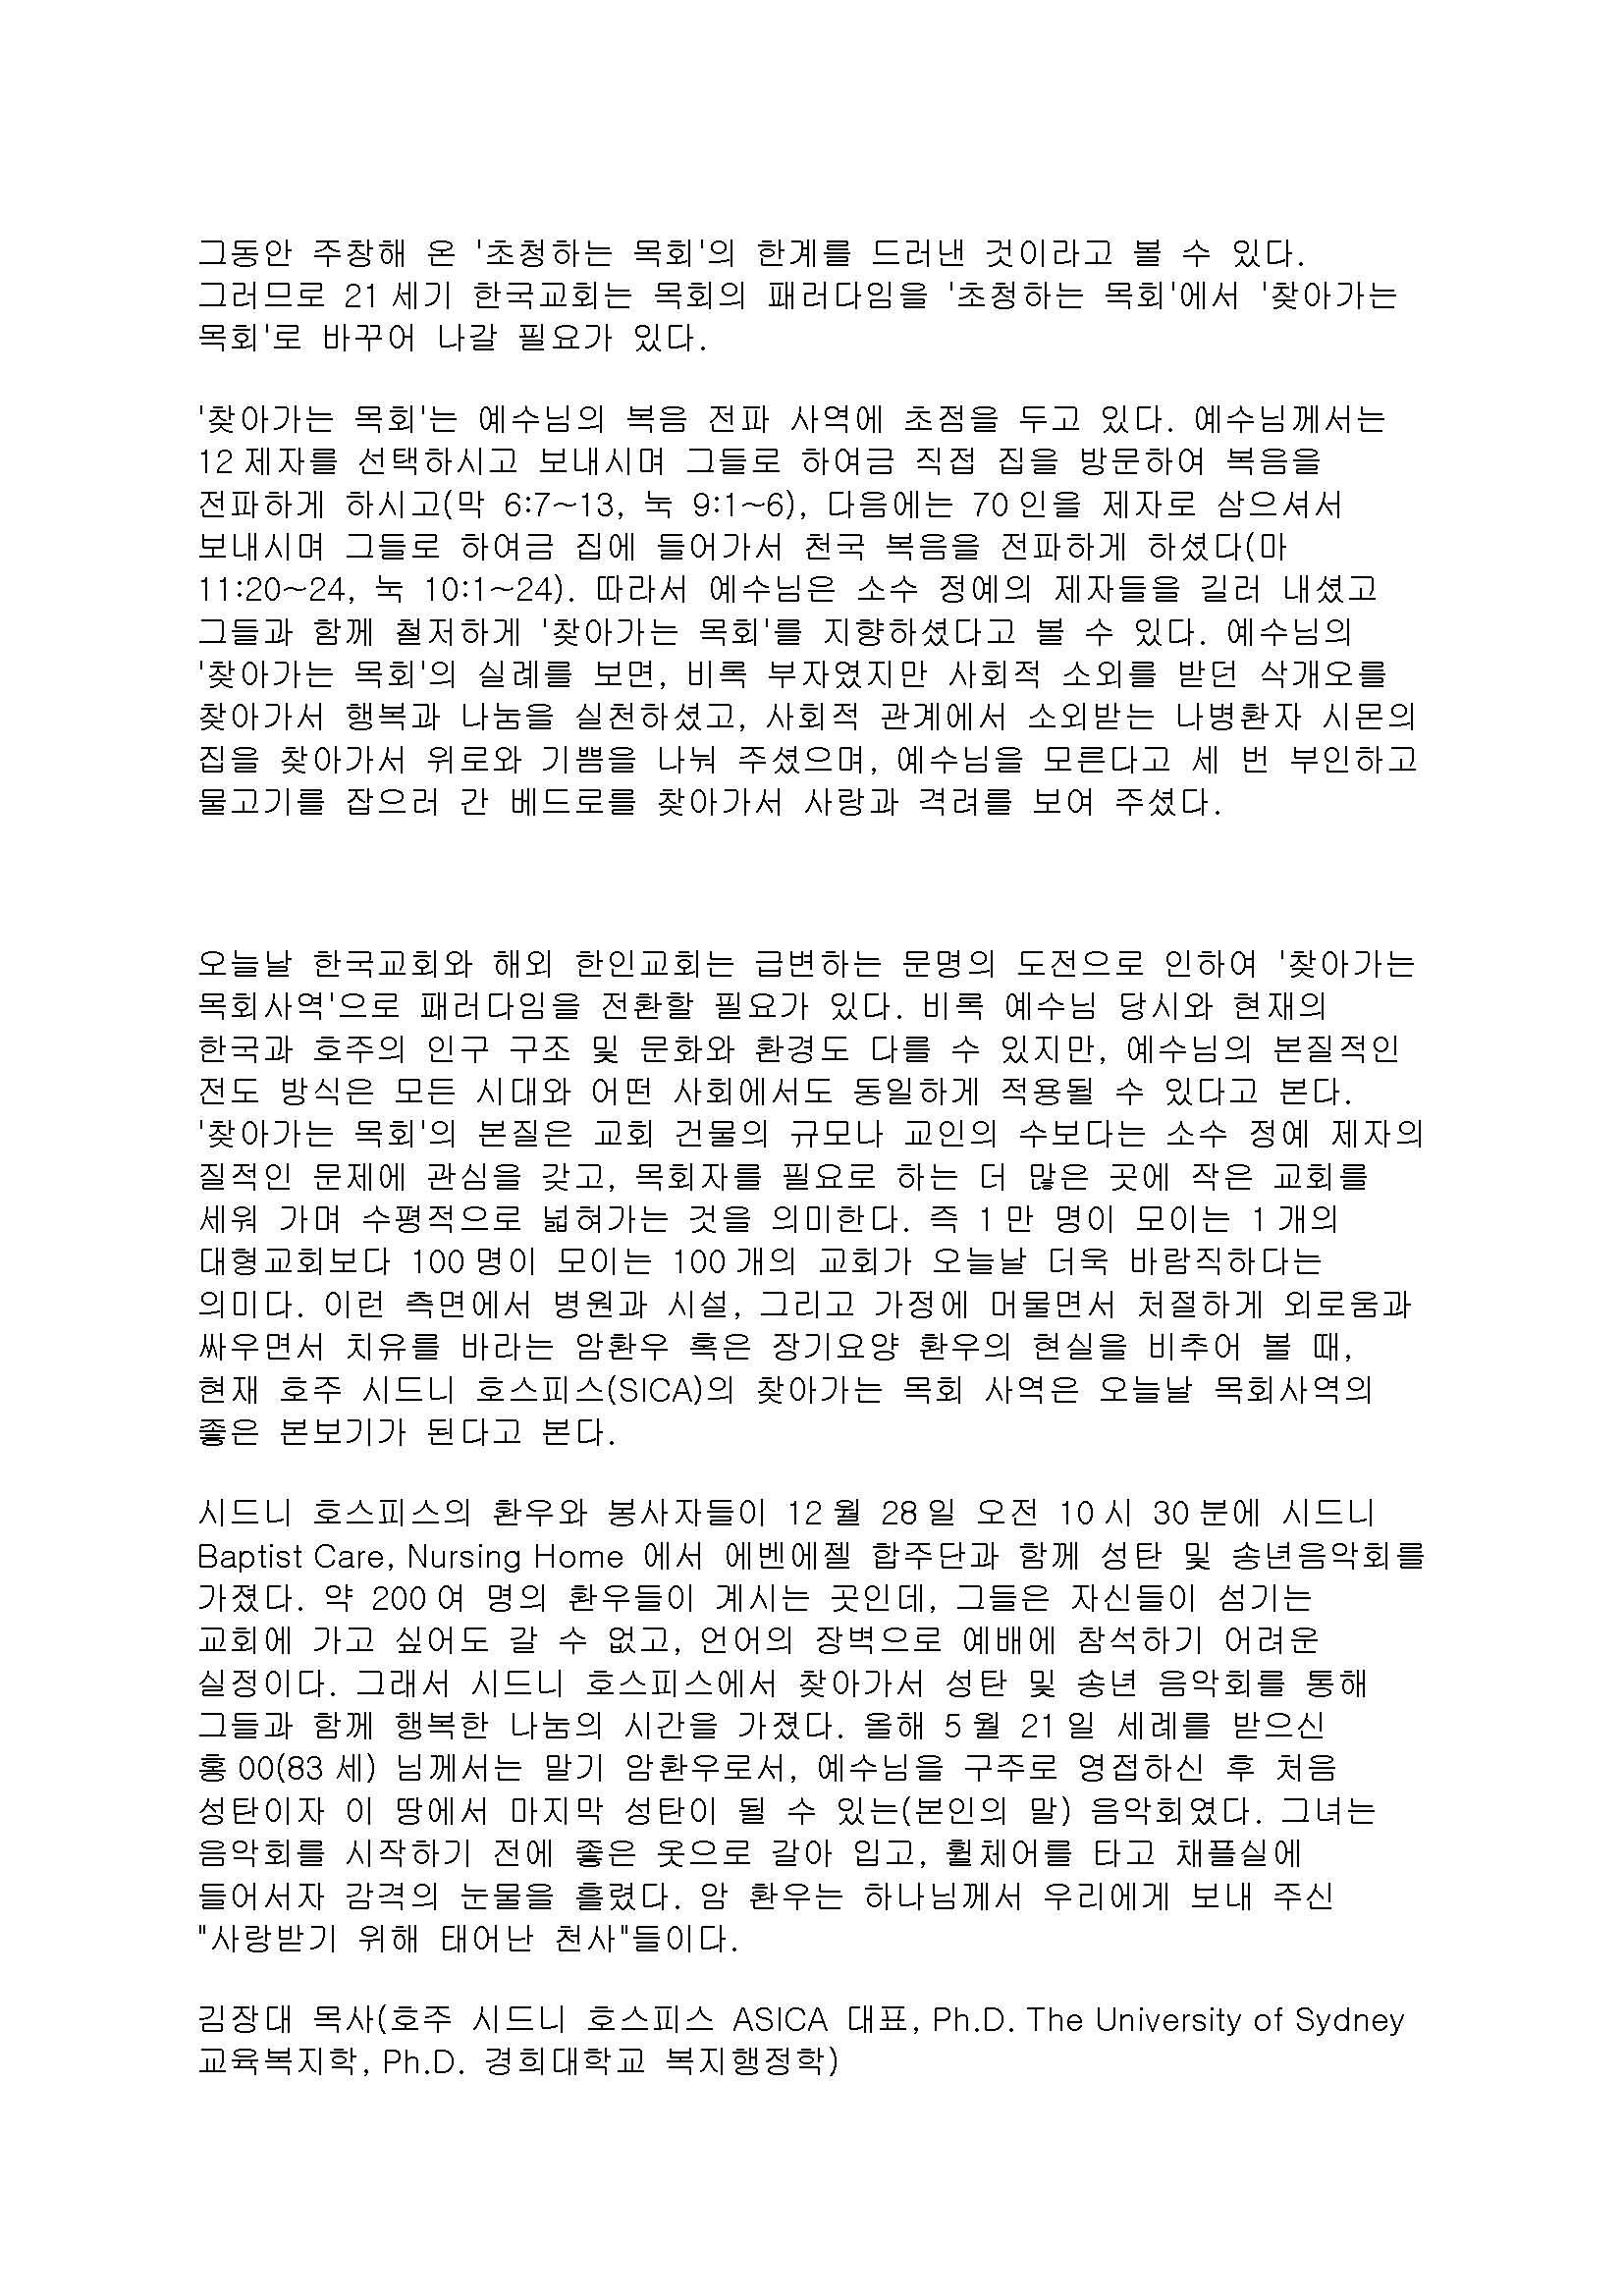 크리스천투데이(2016 1 8) 김장대 목사-찾아가는 목회사역에 대하여_페이지_2